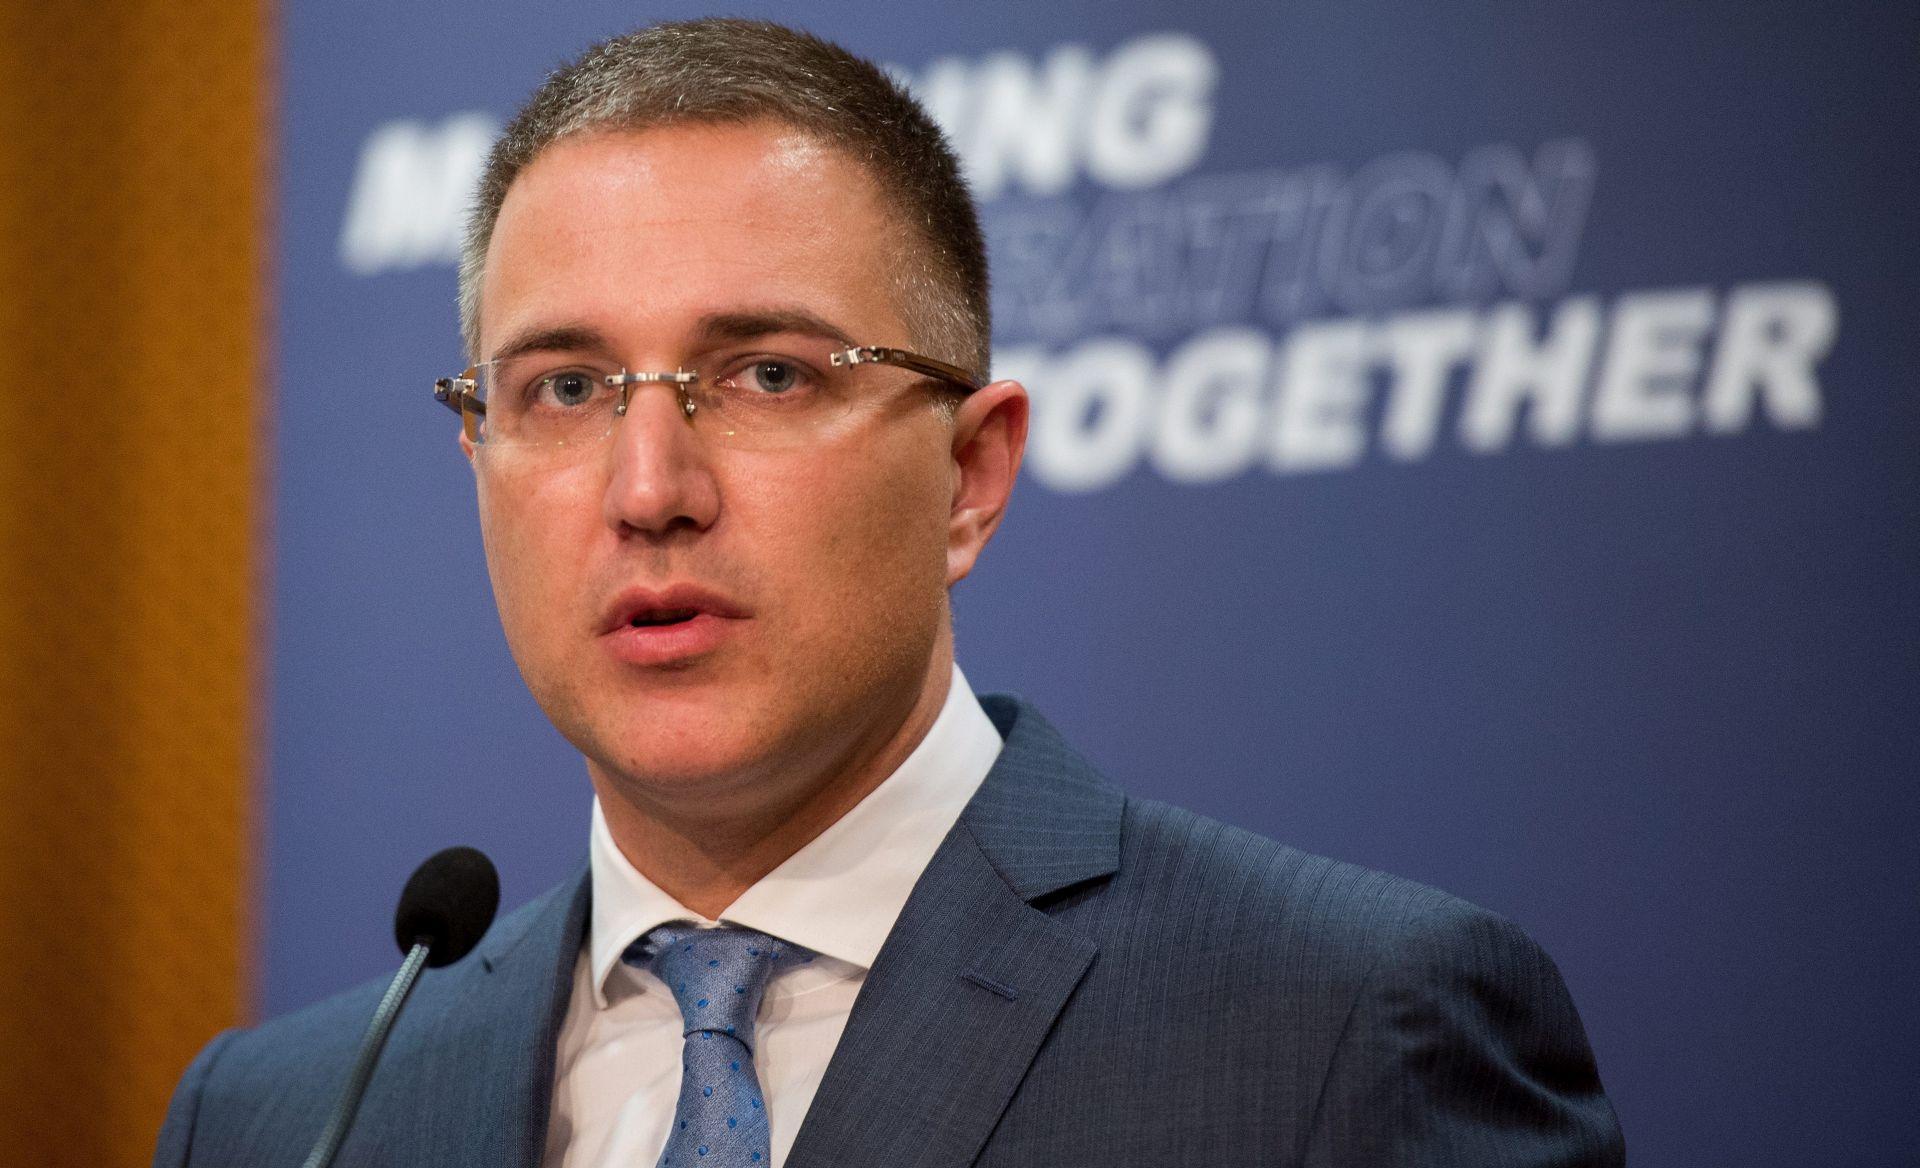 DSHV: Kritike srbijanskih dužnosnika prijetnja za hrvatsku manjinu u Vojvodini